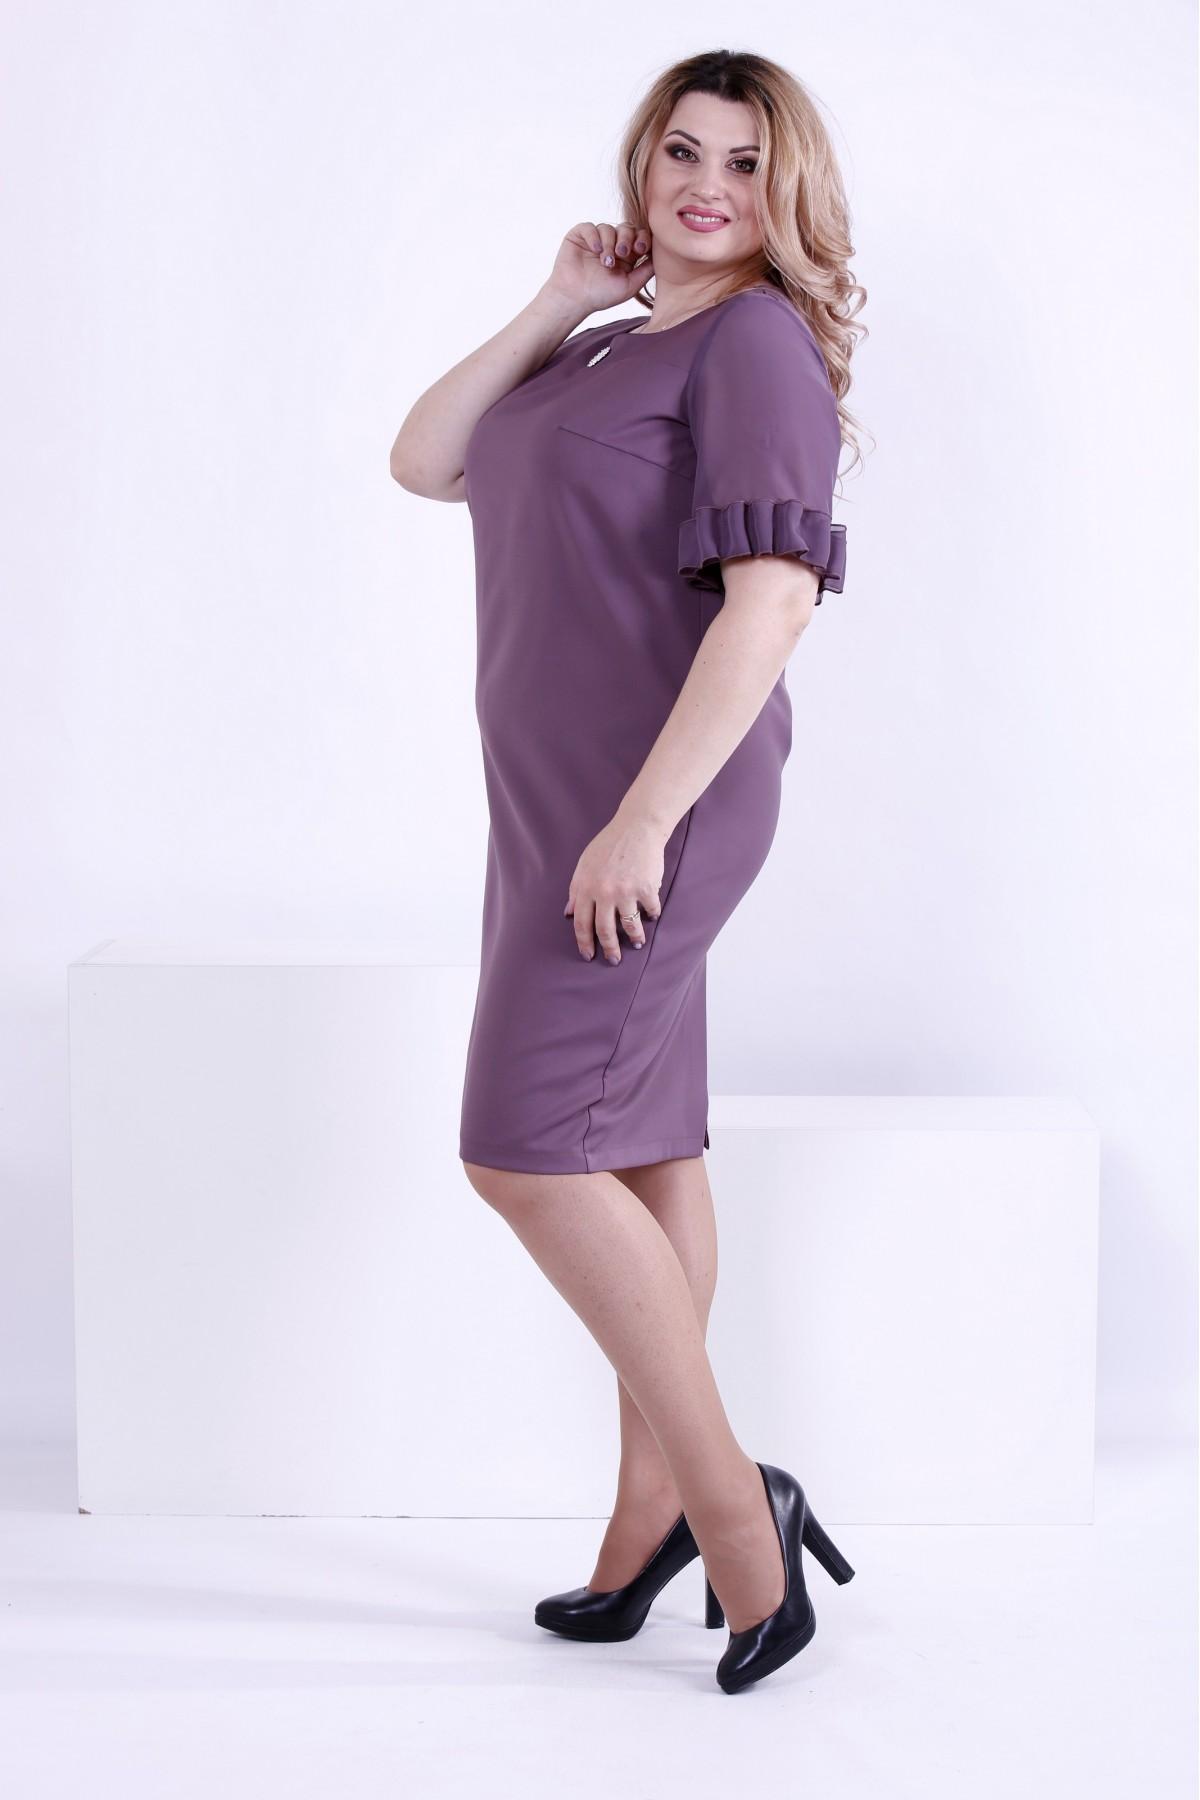 ... Фото Бісквітне вільне плаття до коліна  323c7f2953819